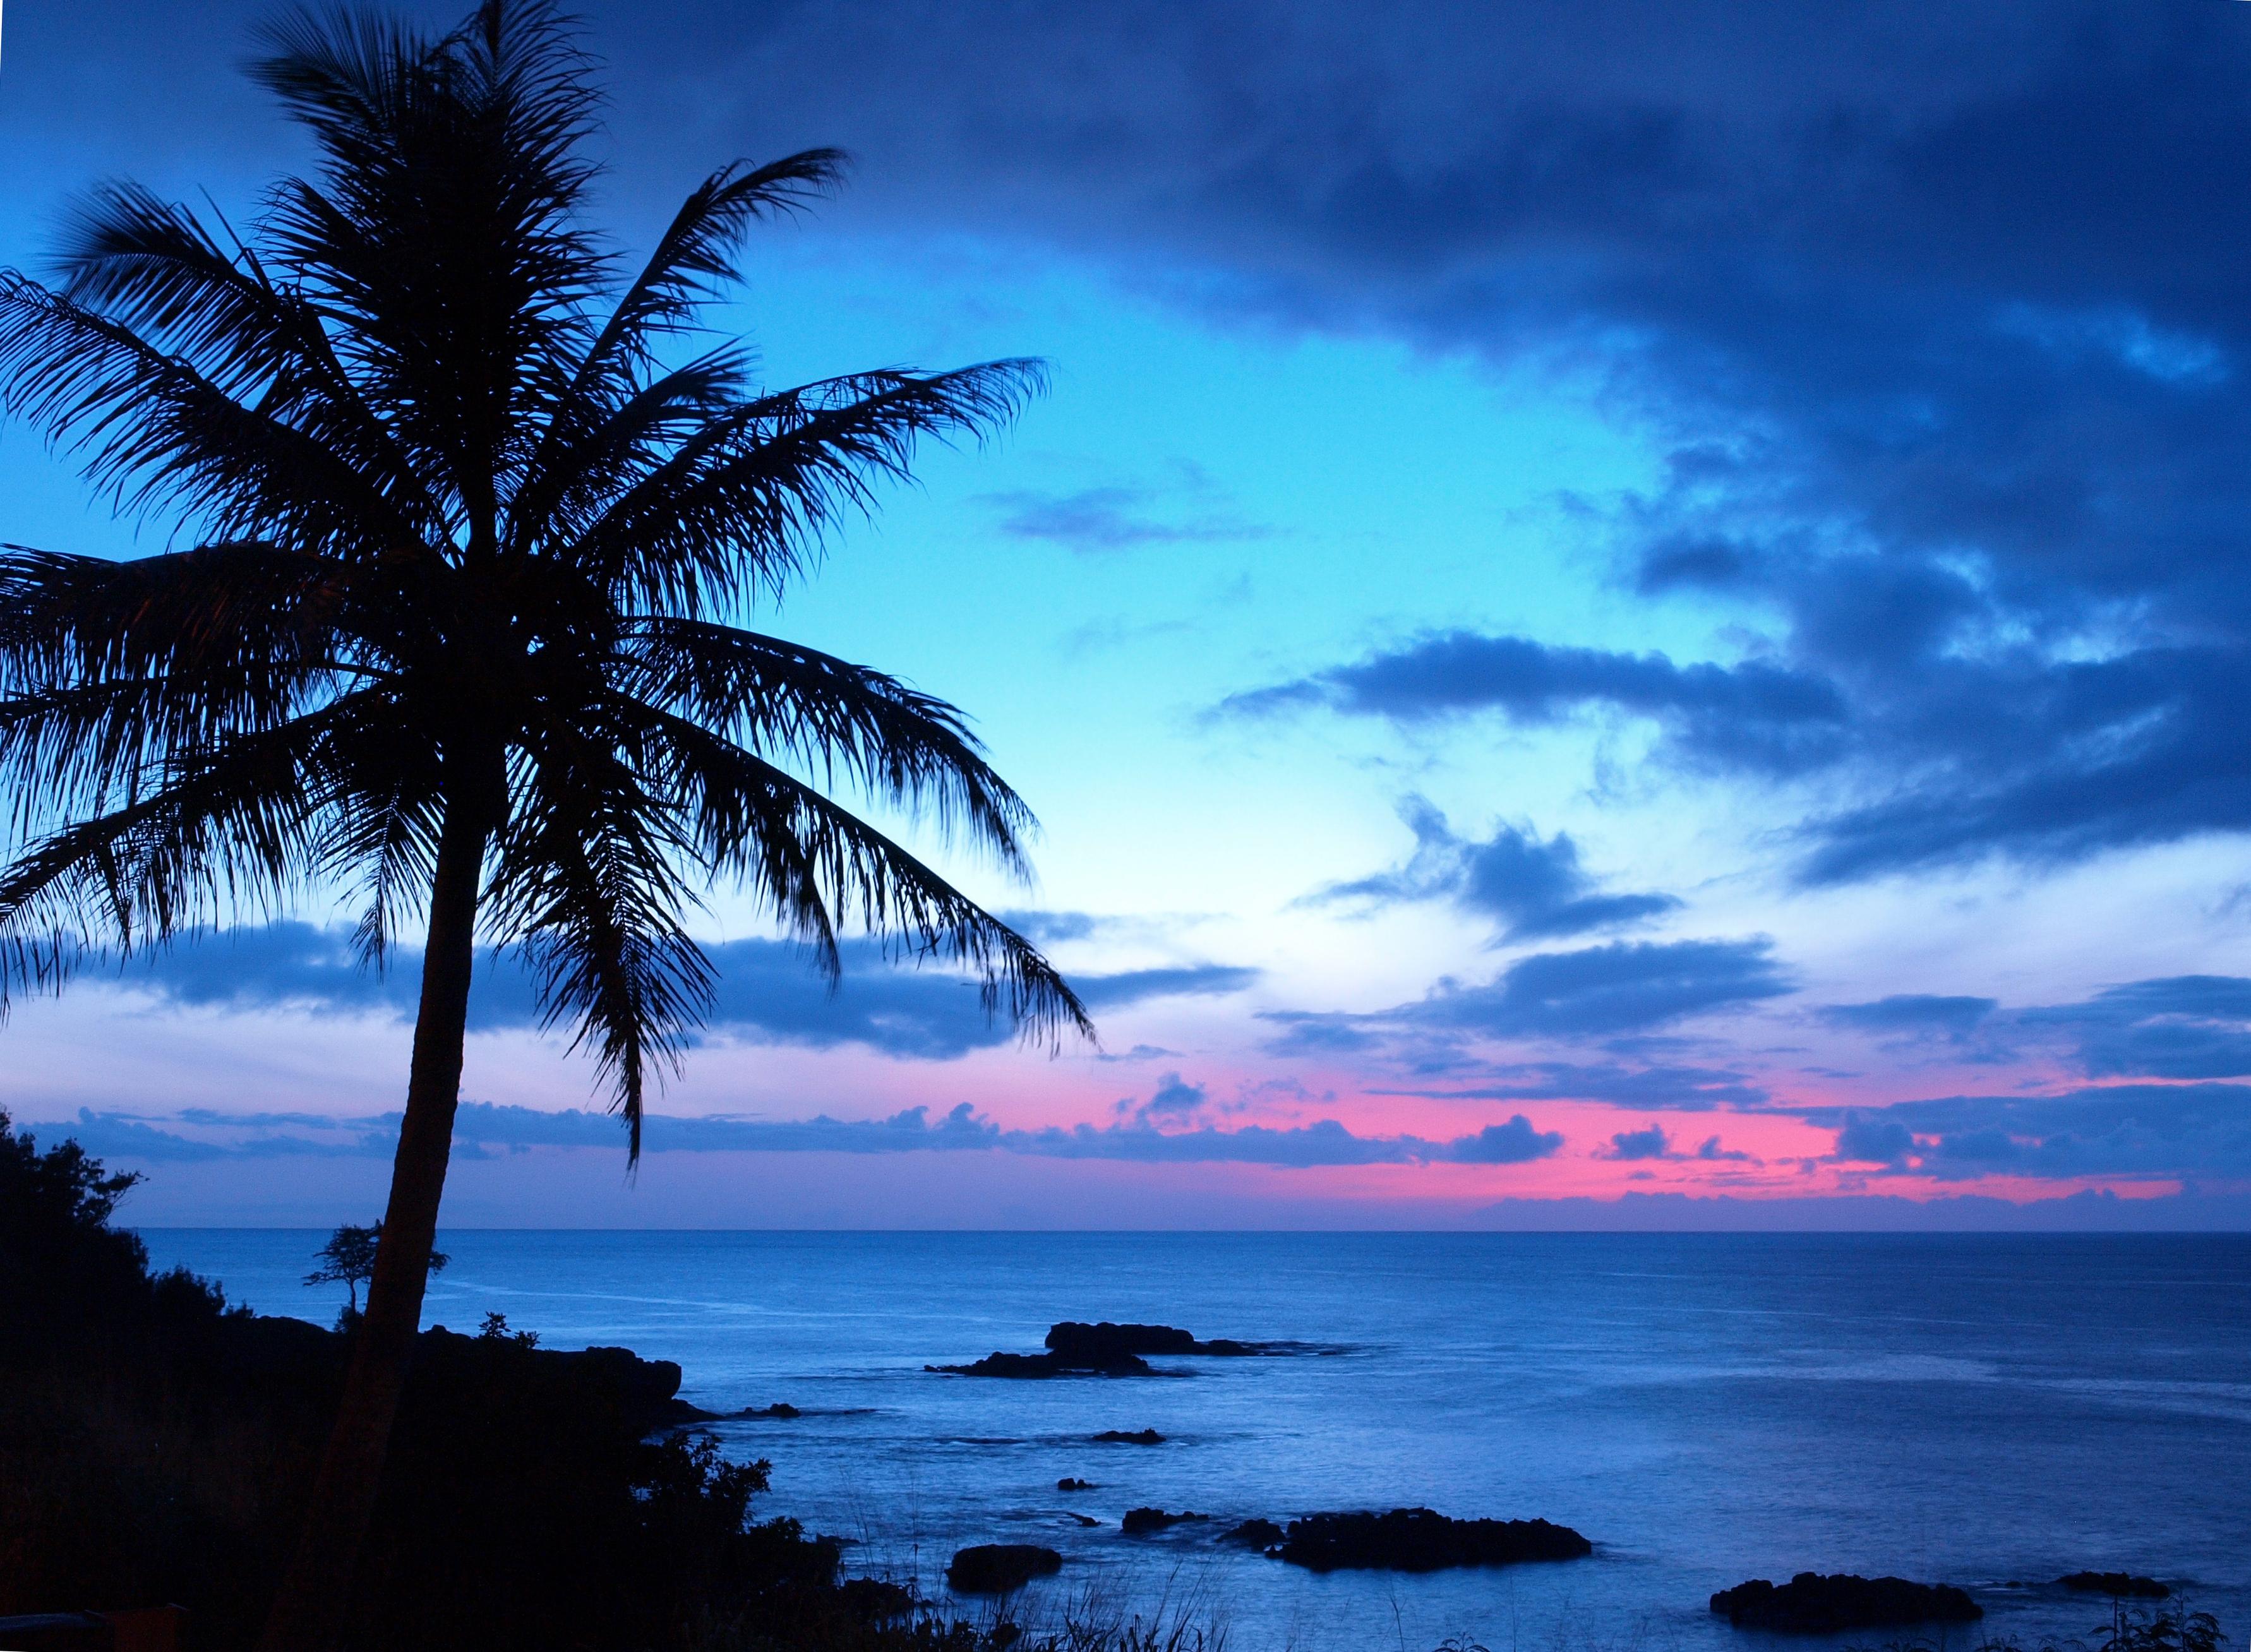 何度でも行きたい ハワイの美しすぎる高画質な画像 壁紙 写真